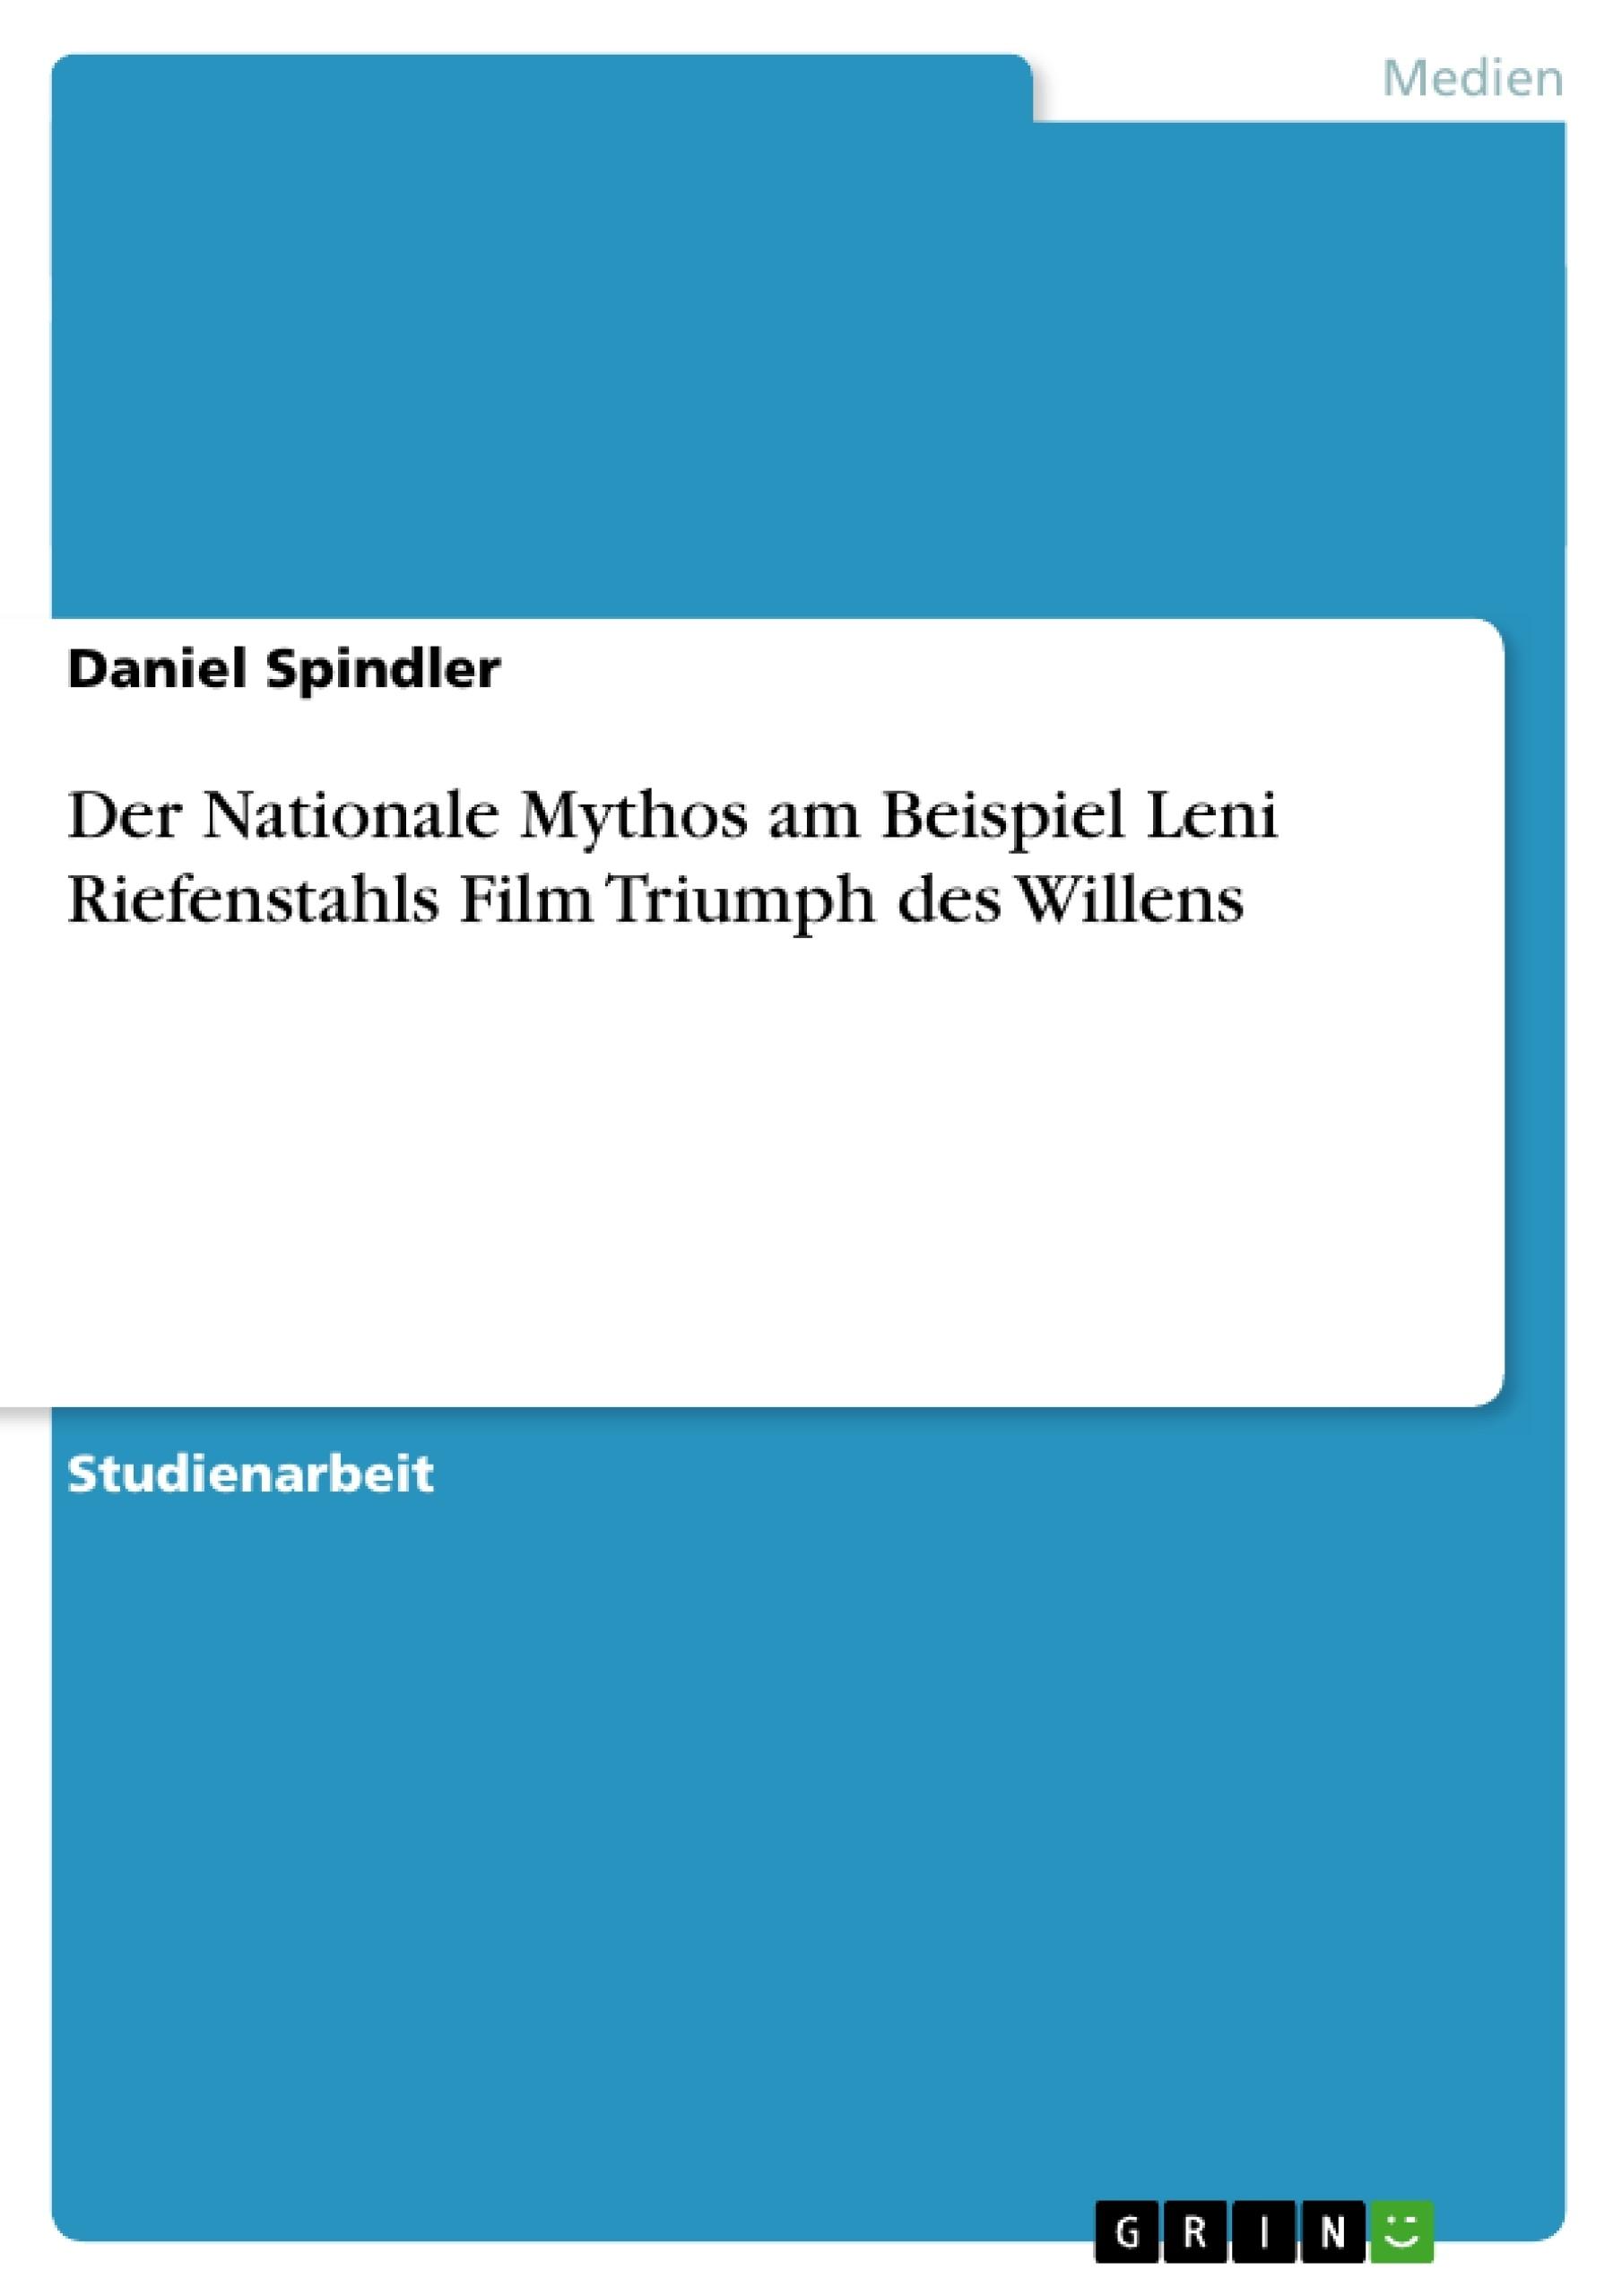 Titel: Der Nationale Mythos am Beispiel Leni Riefenstahls Film  Triumph des Willens